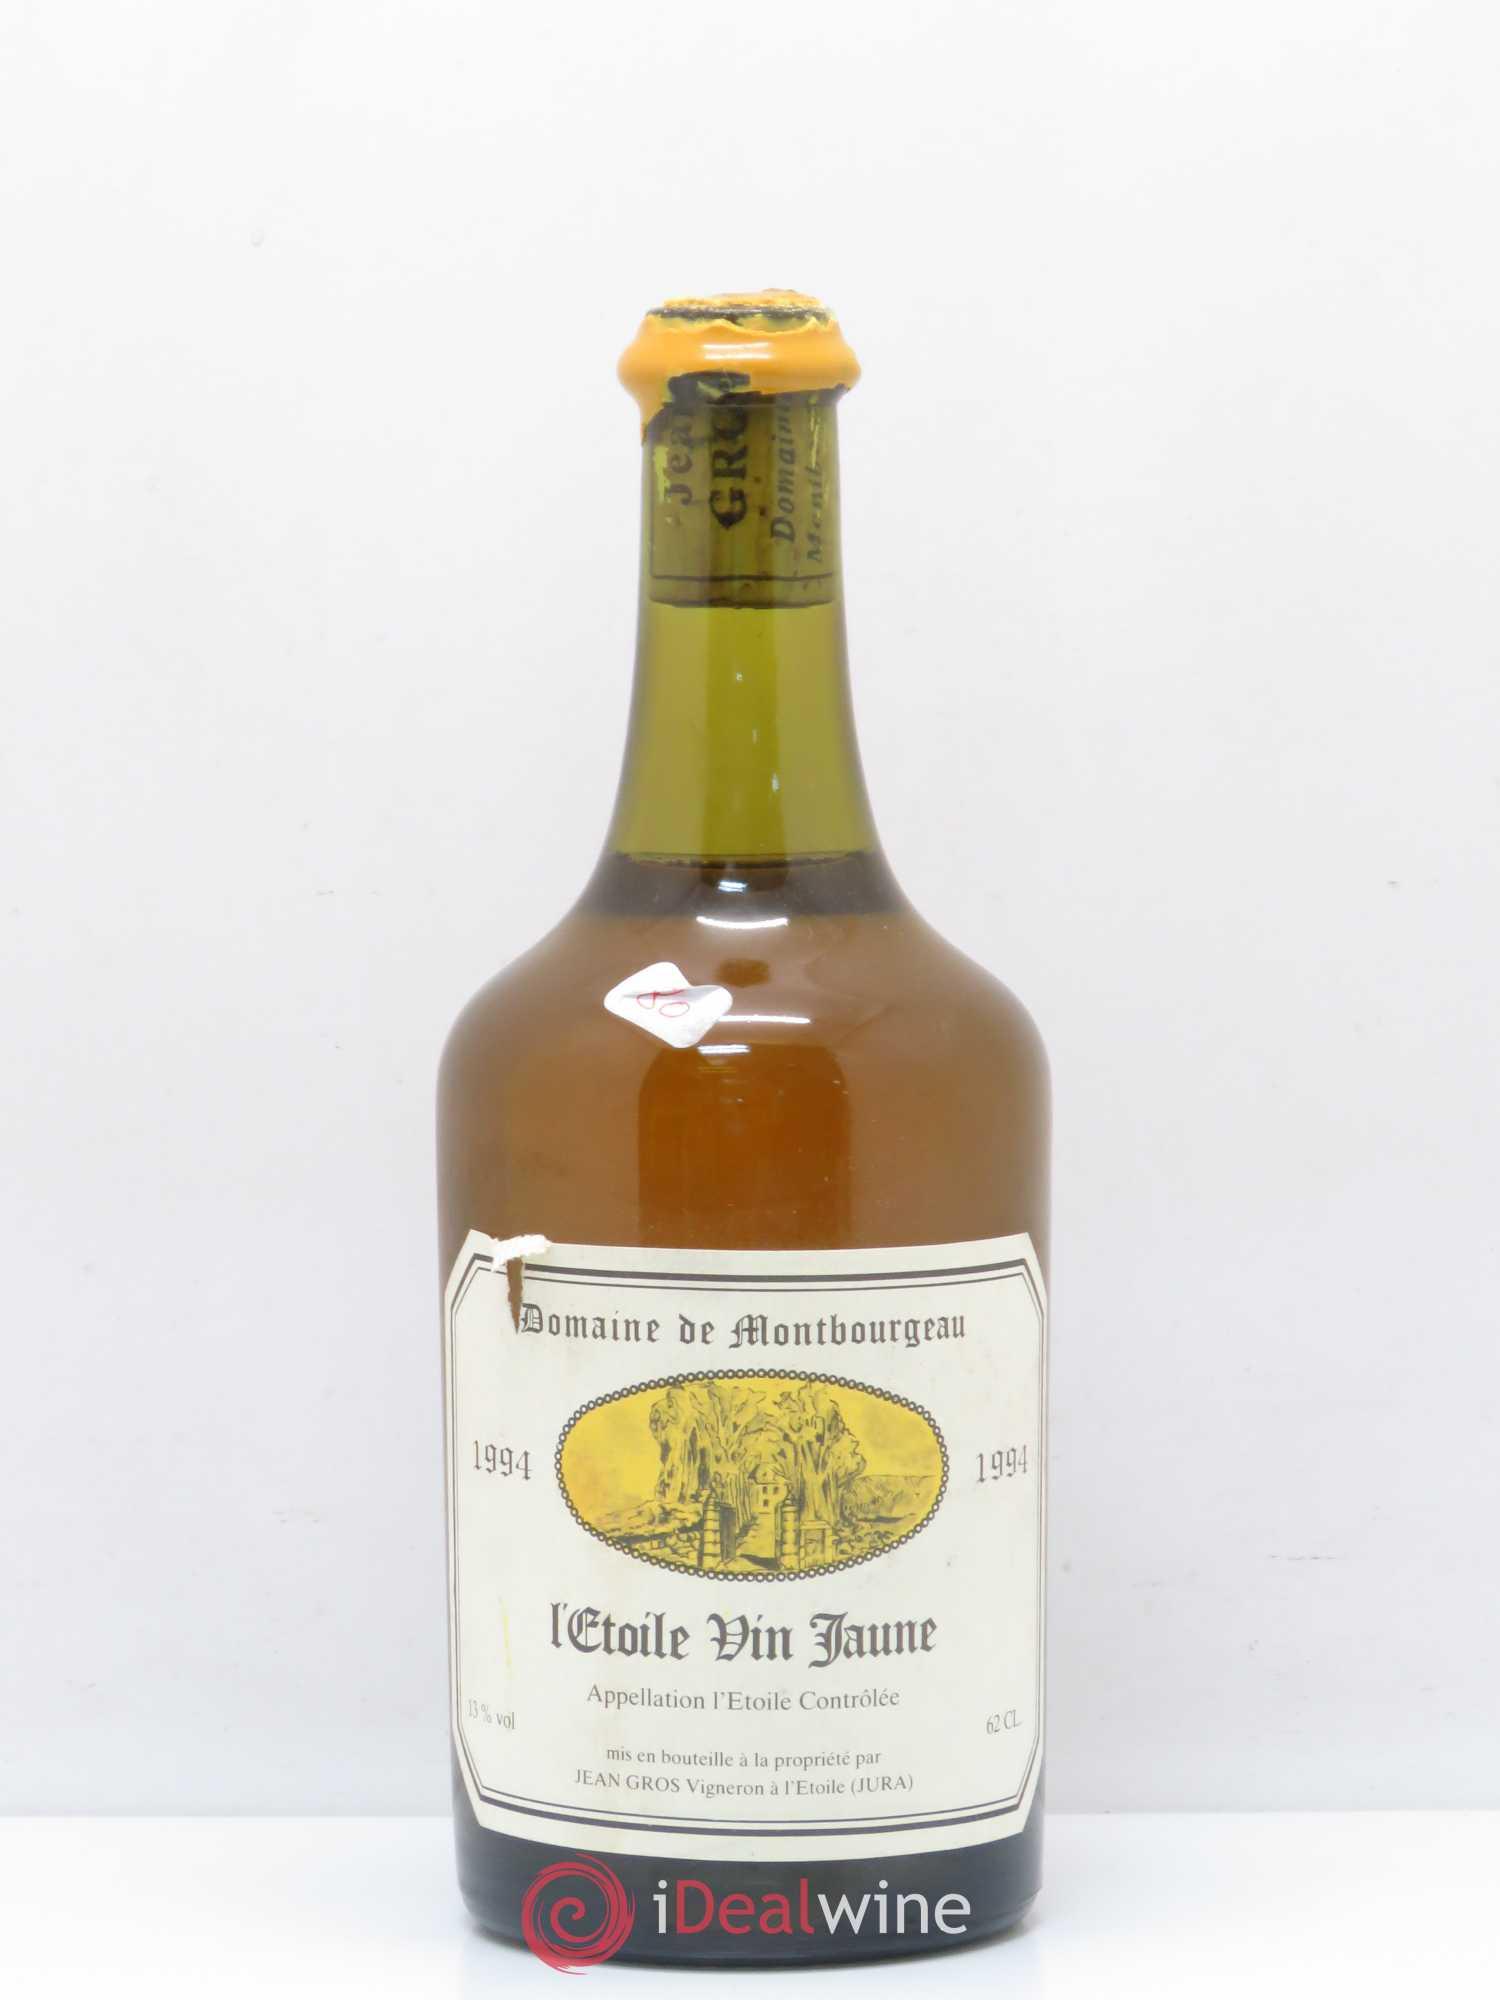 Letoile Vin Jaune Domaine De Montbourgeau 1994